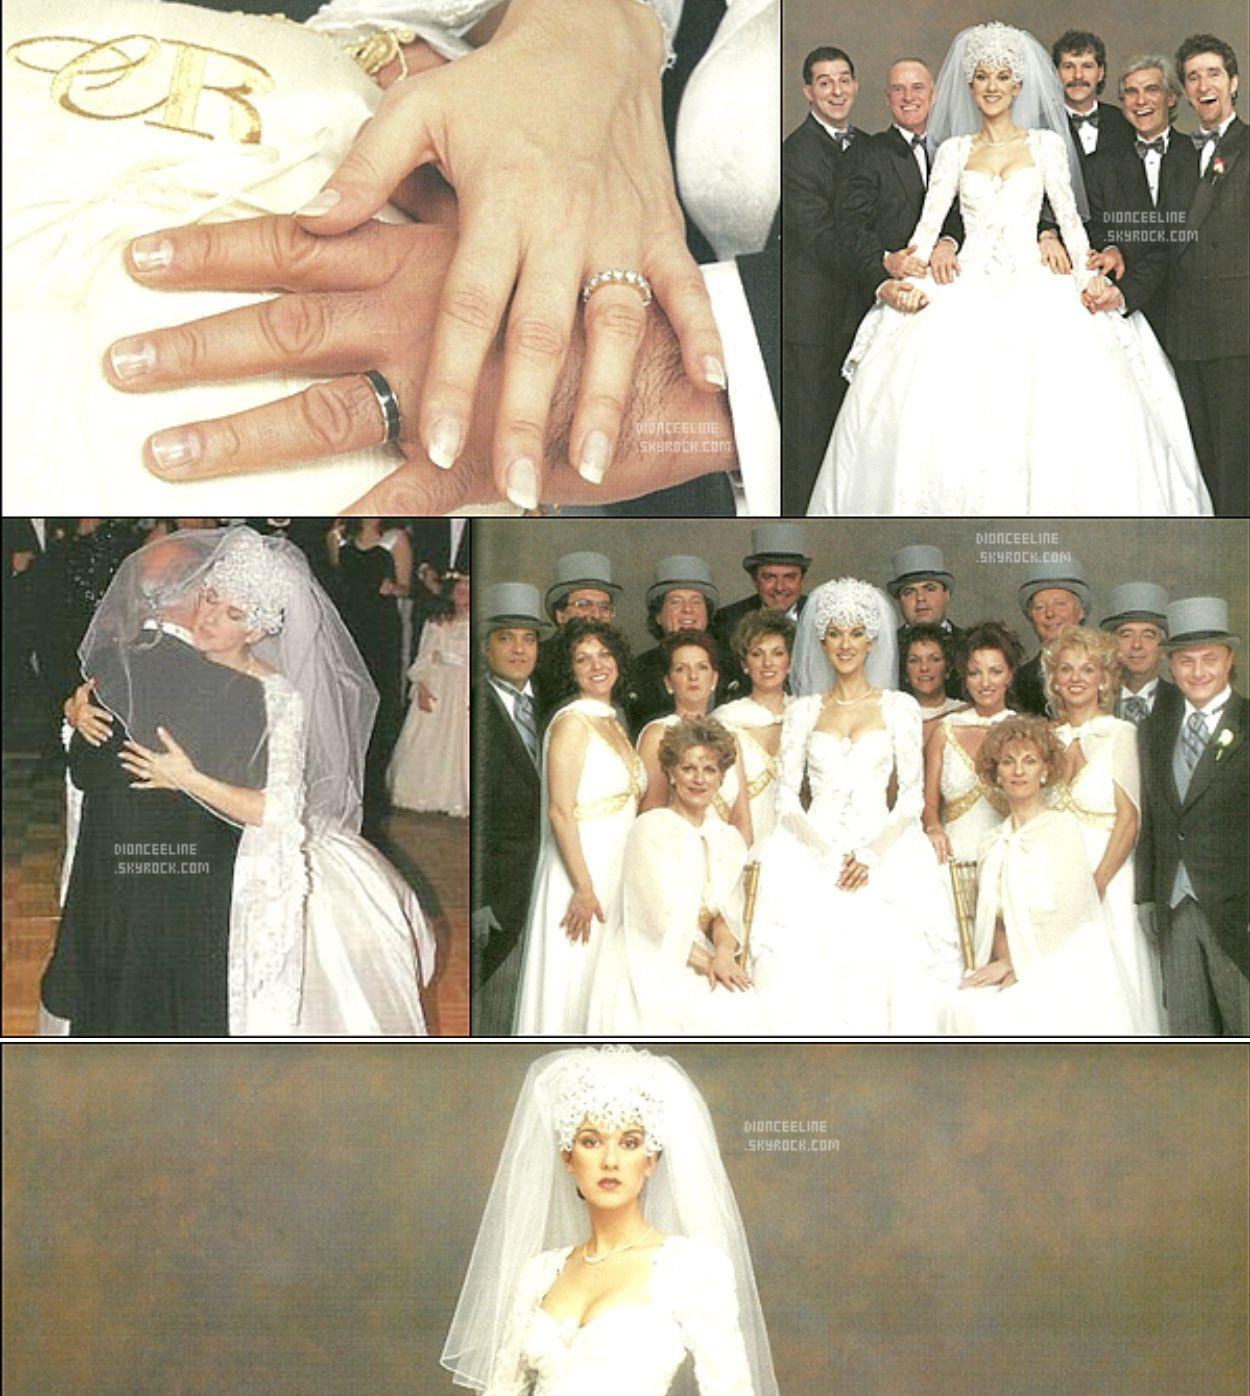 Celine Dion Rene Angelil Celine Dion Wedding Celine Dion Celebrity Weddings